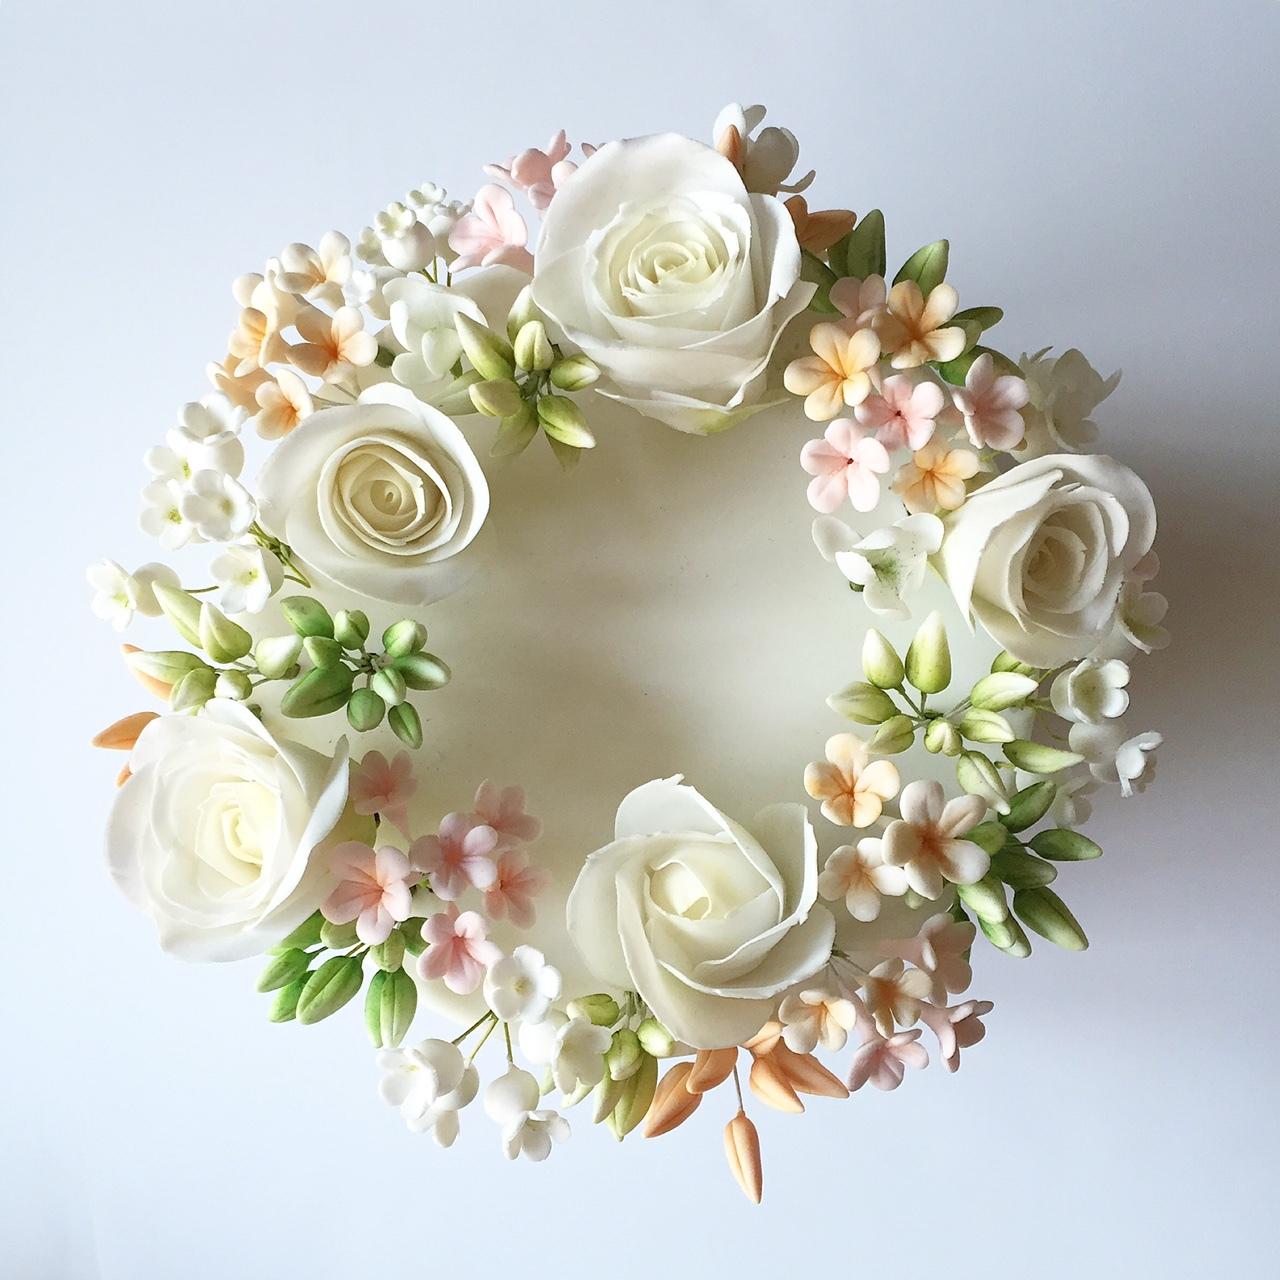 Sugar Flower Wreath Wedding